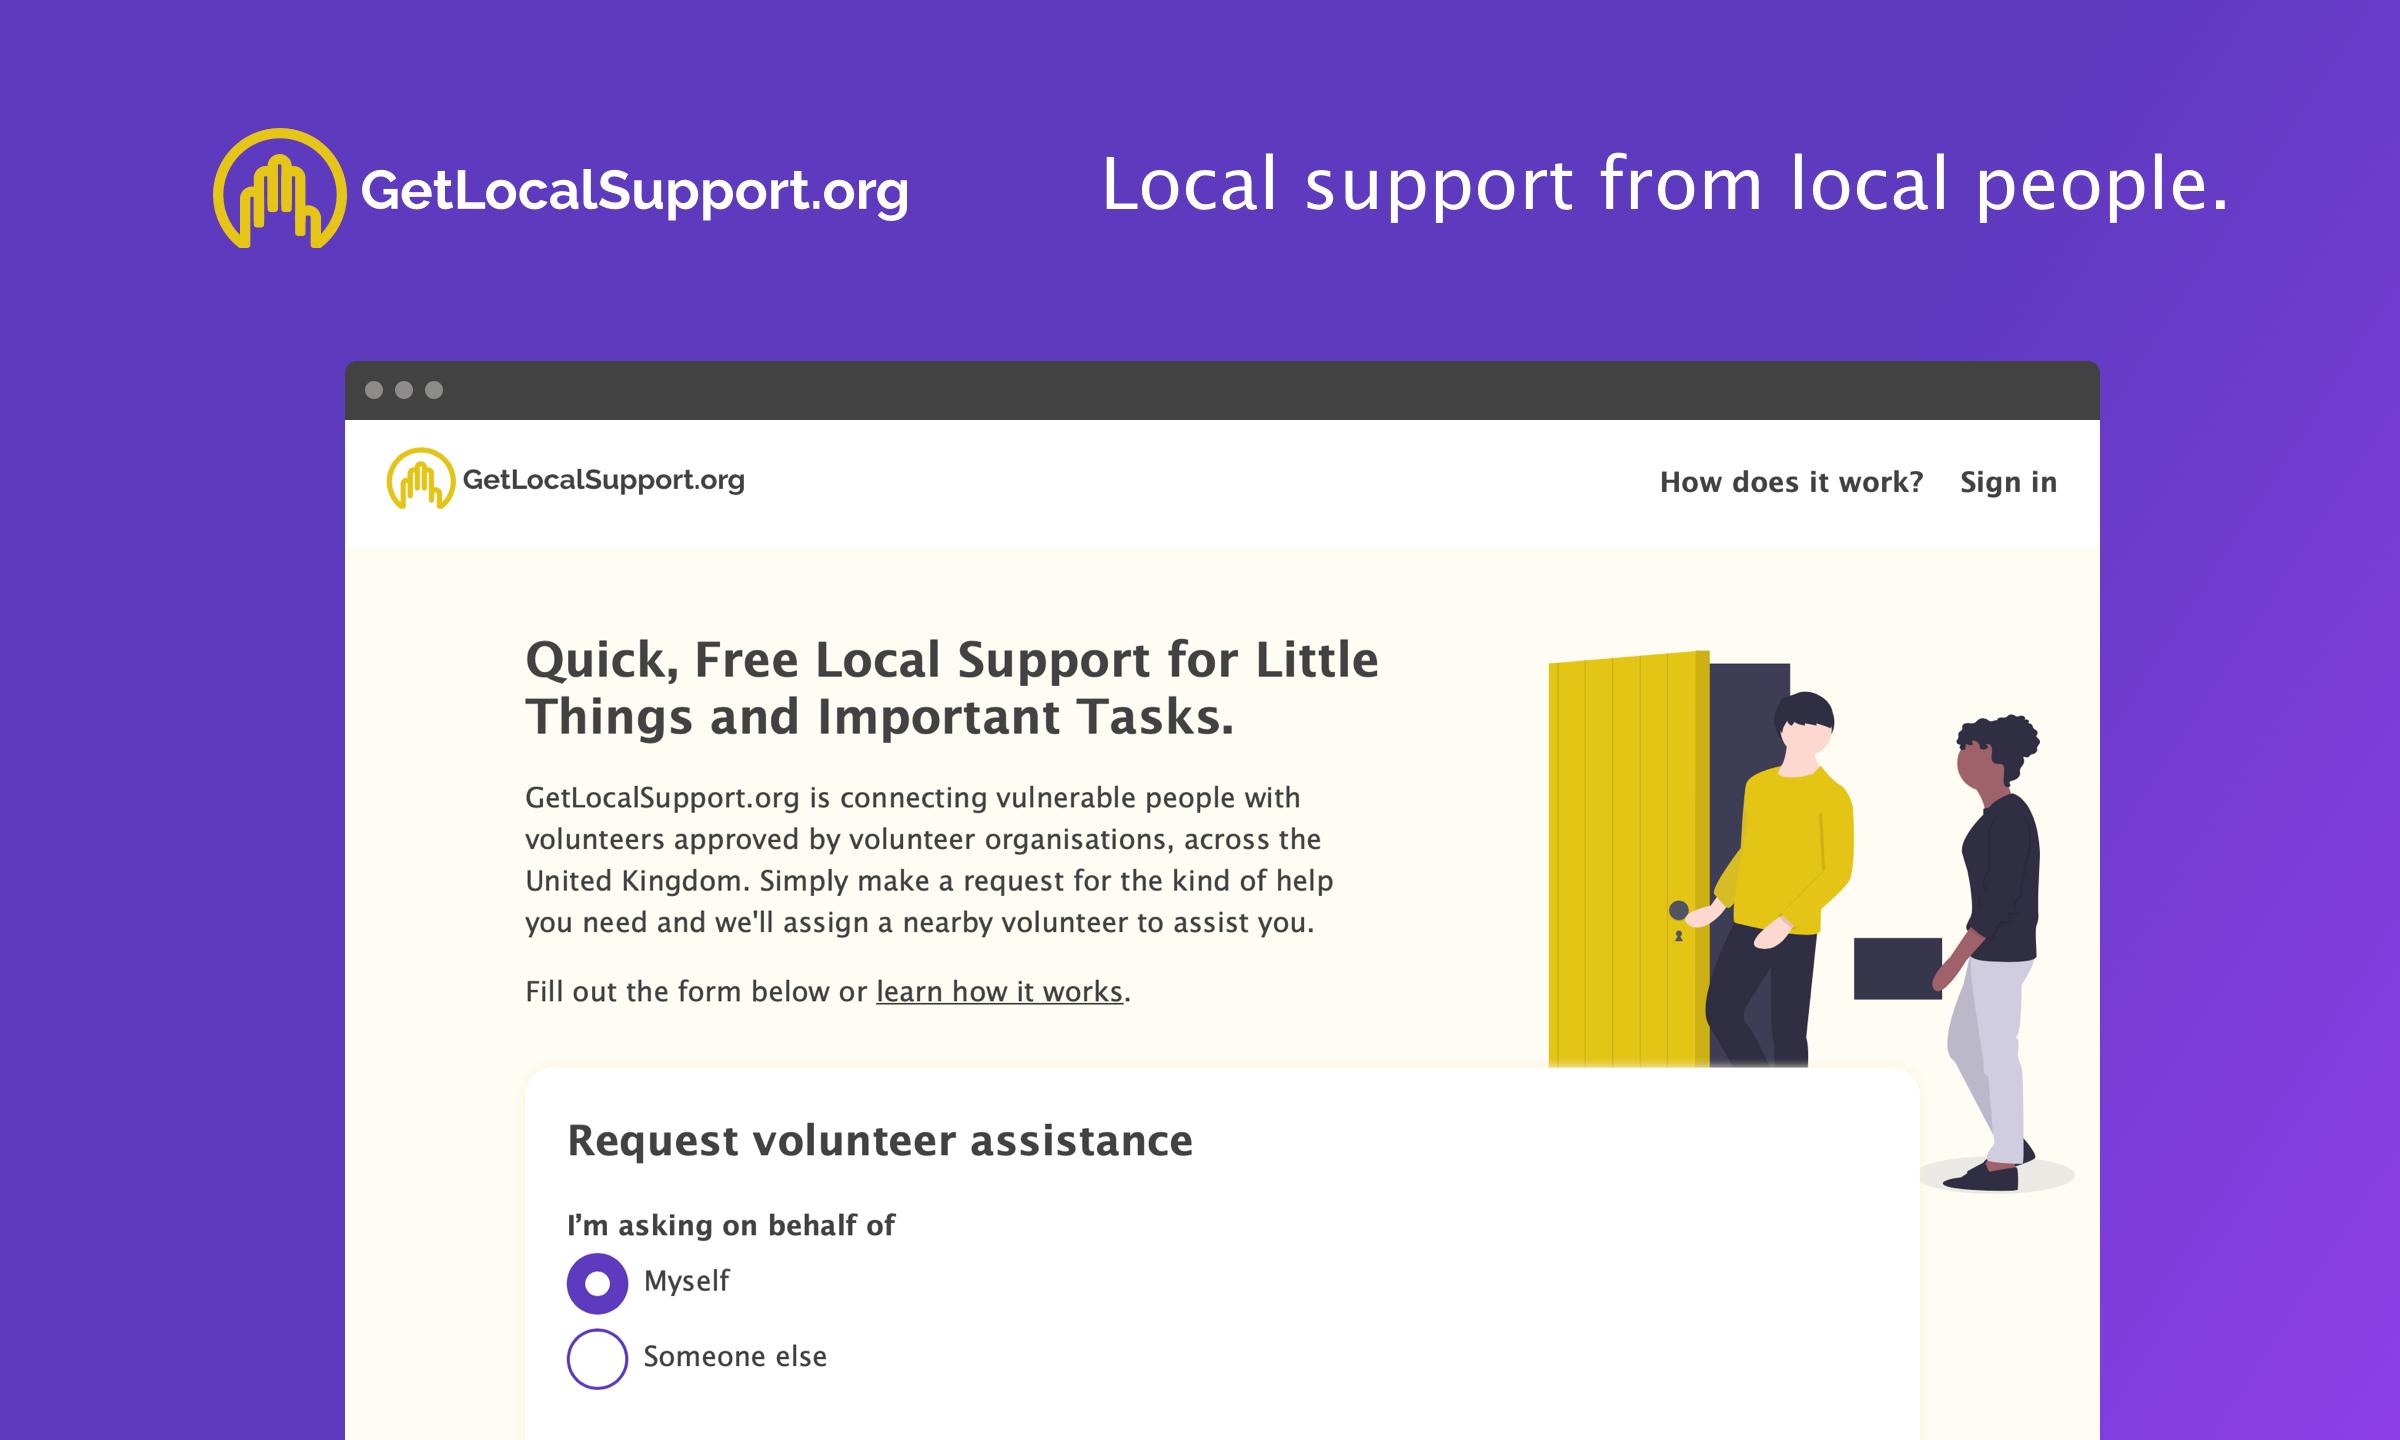 The Getlocalsupport website